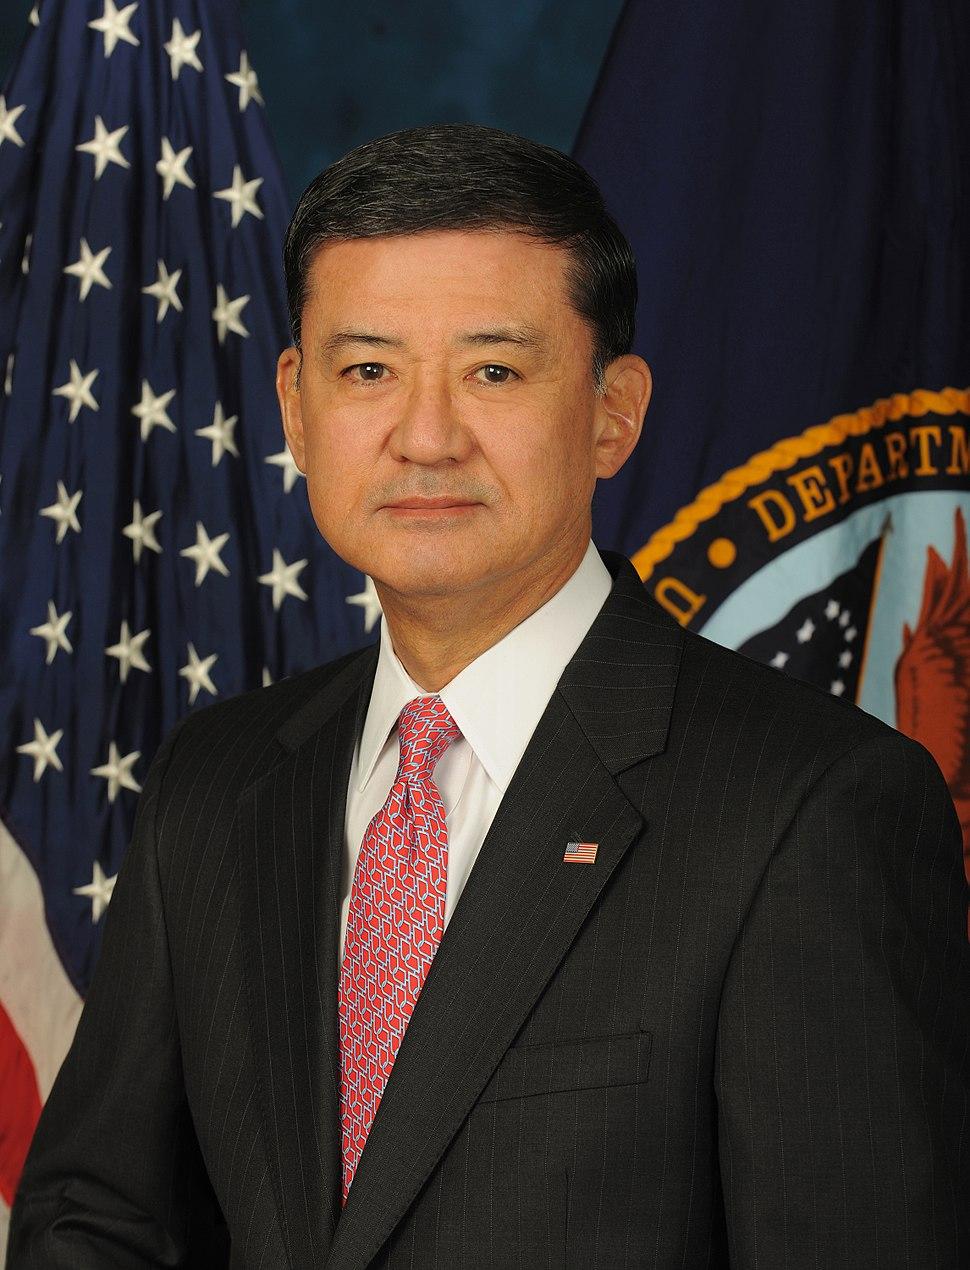 Eric Shinseki official Veterans Affairs portrait